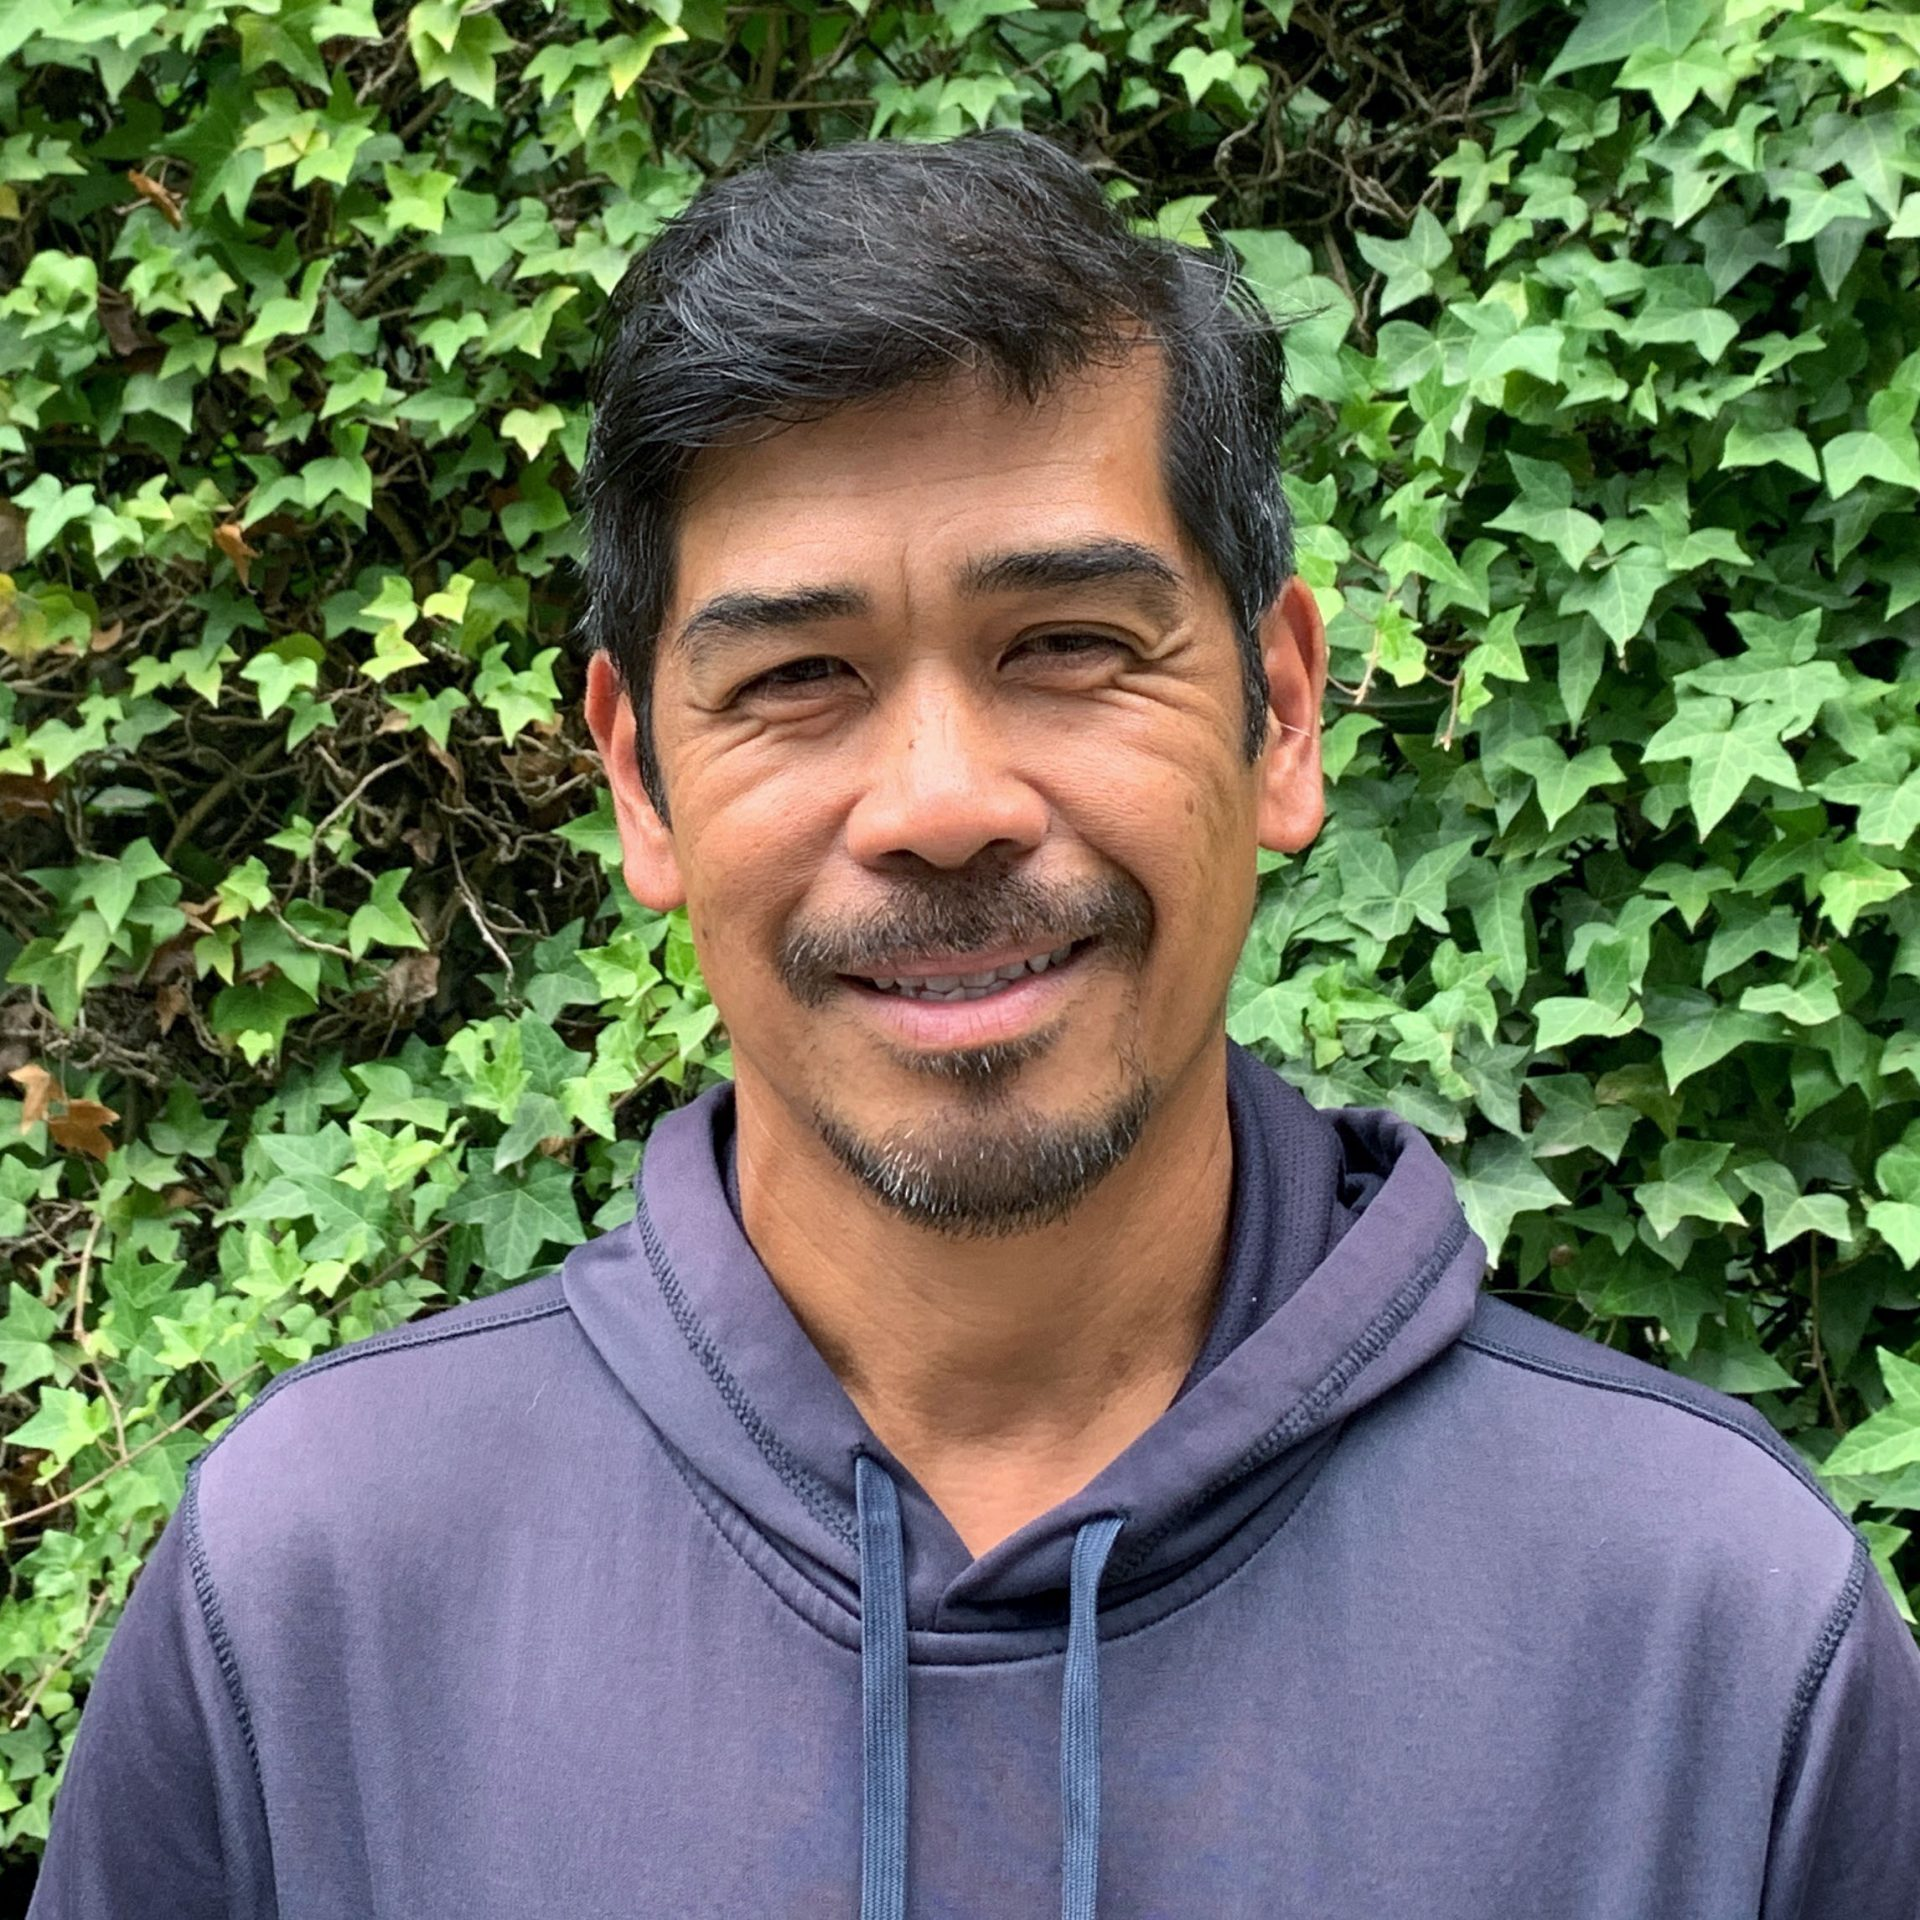 Anthony Fajarillo